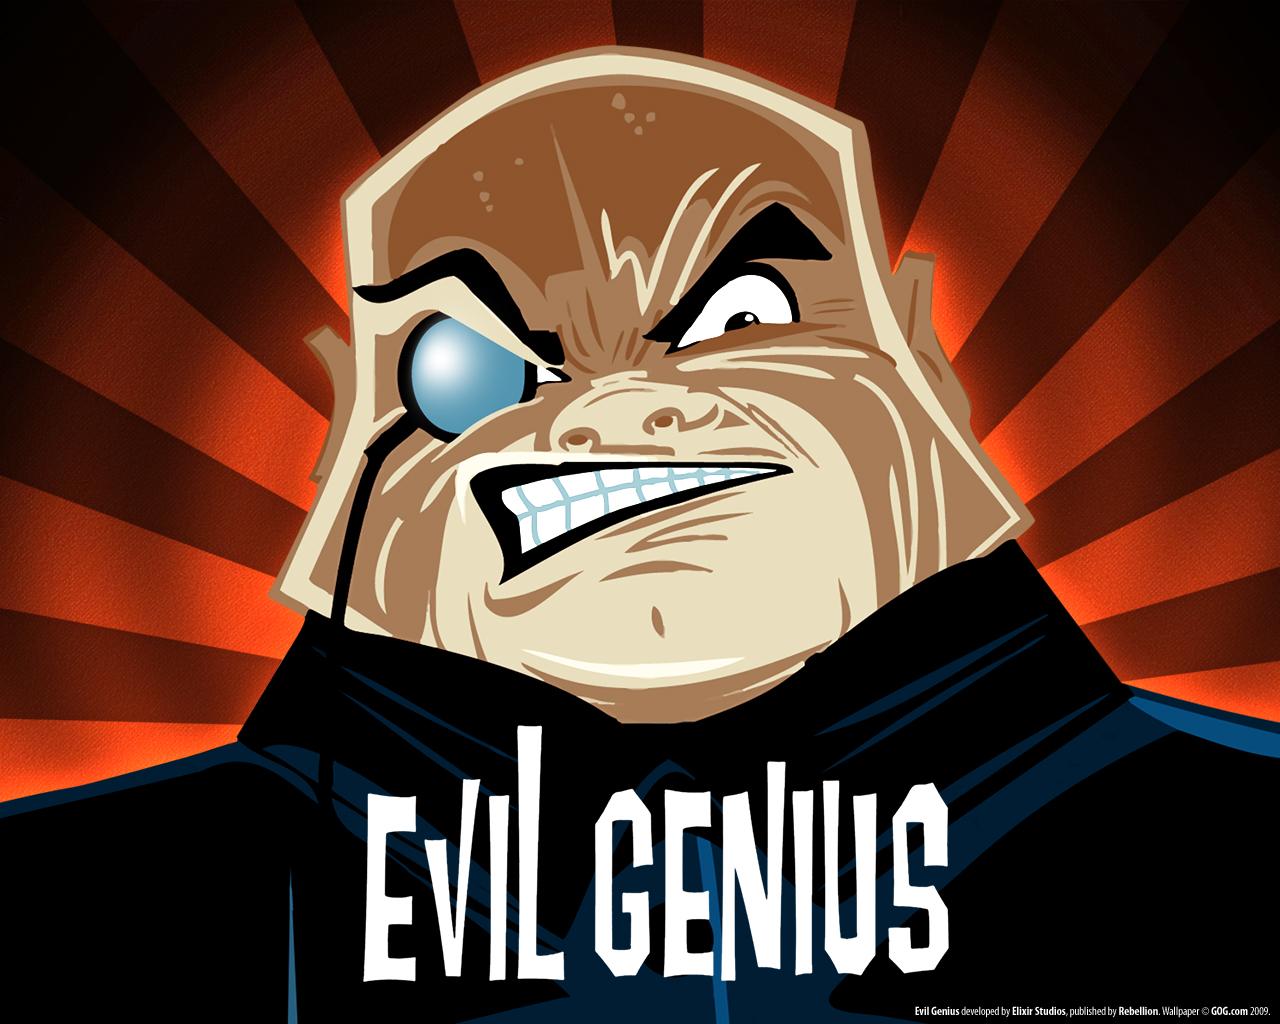 EvilGenius_pure_evil_1280x124.jpg